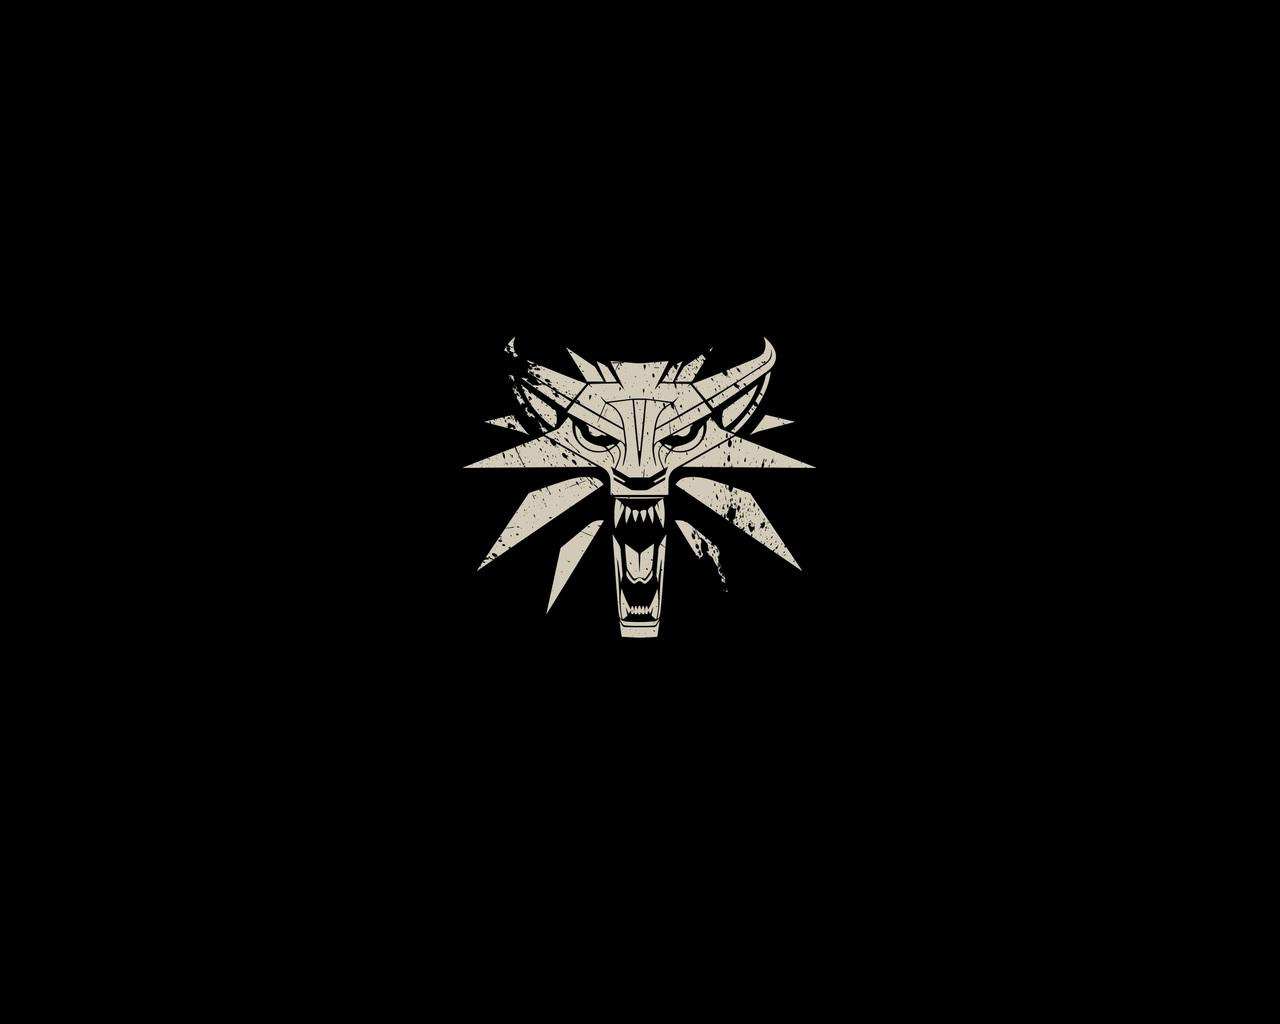 1280x1024 The Witcher 3 Wild Hunt Minimalism Logo ...